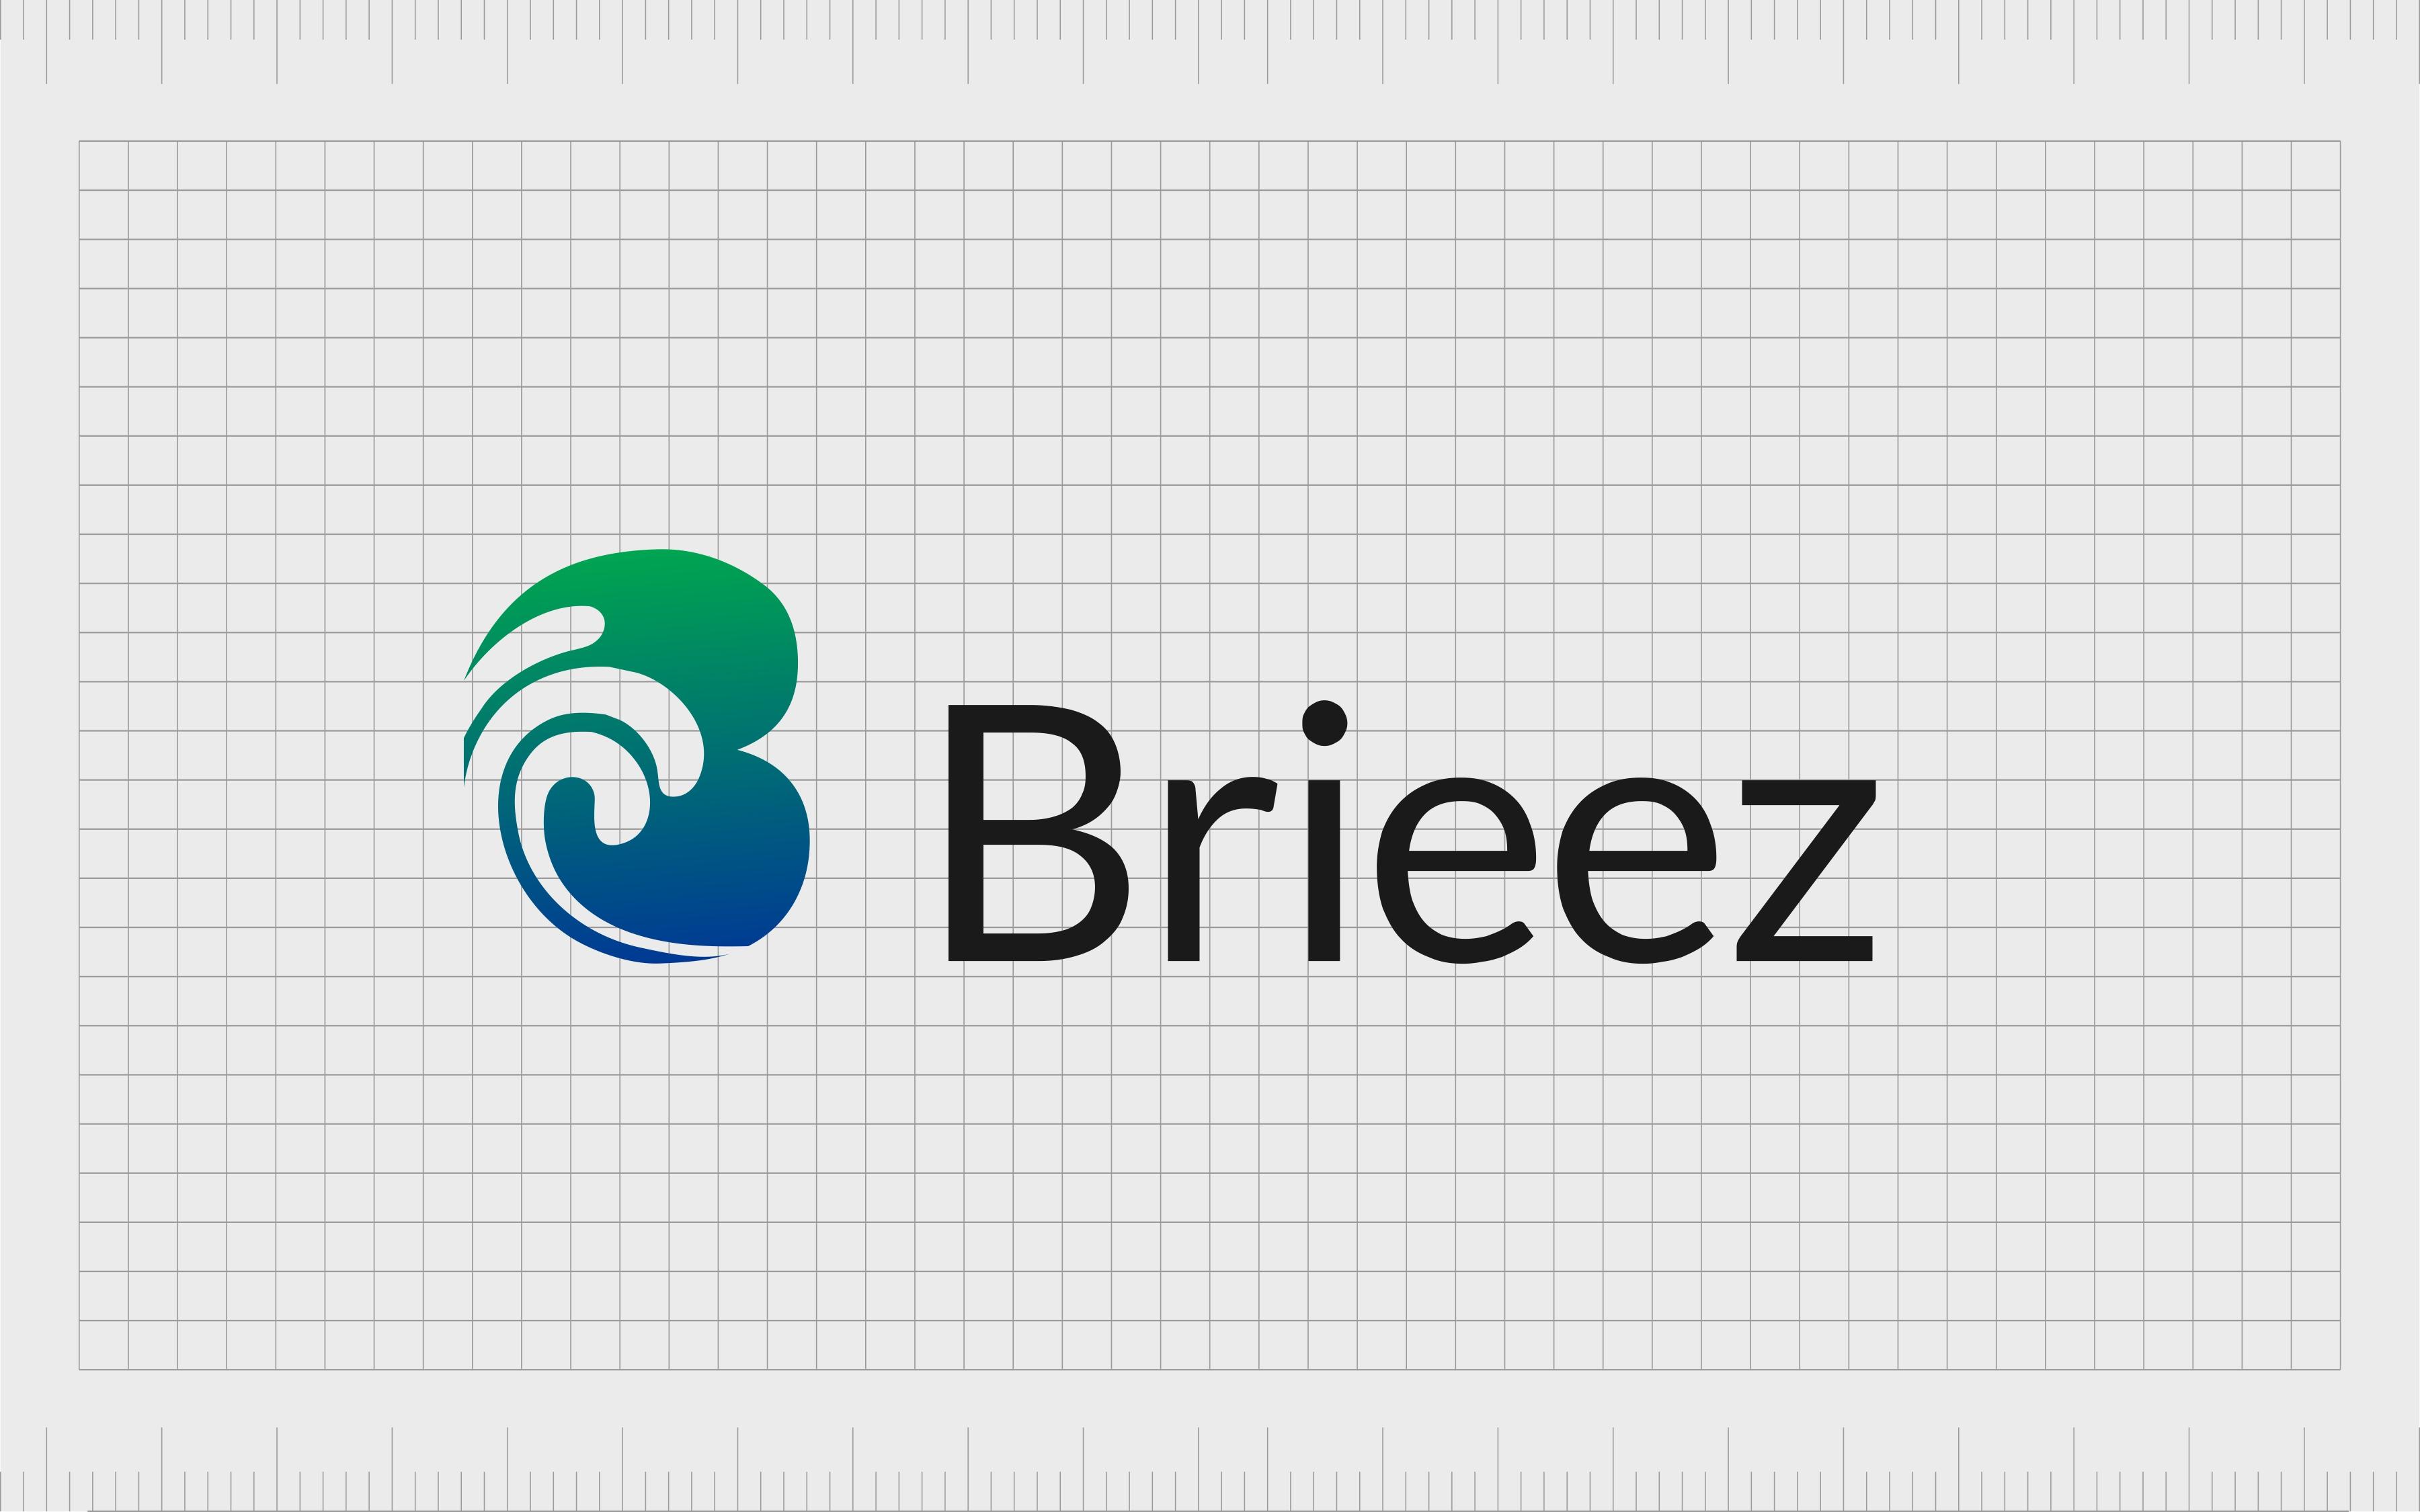 Brieez